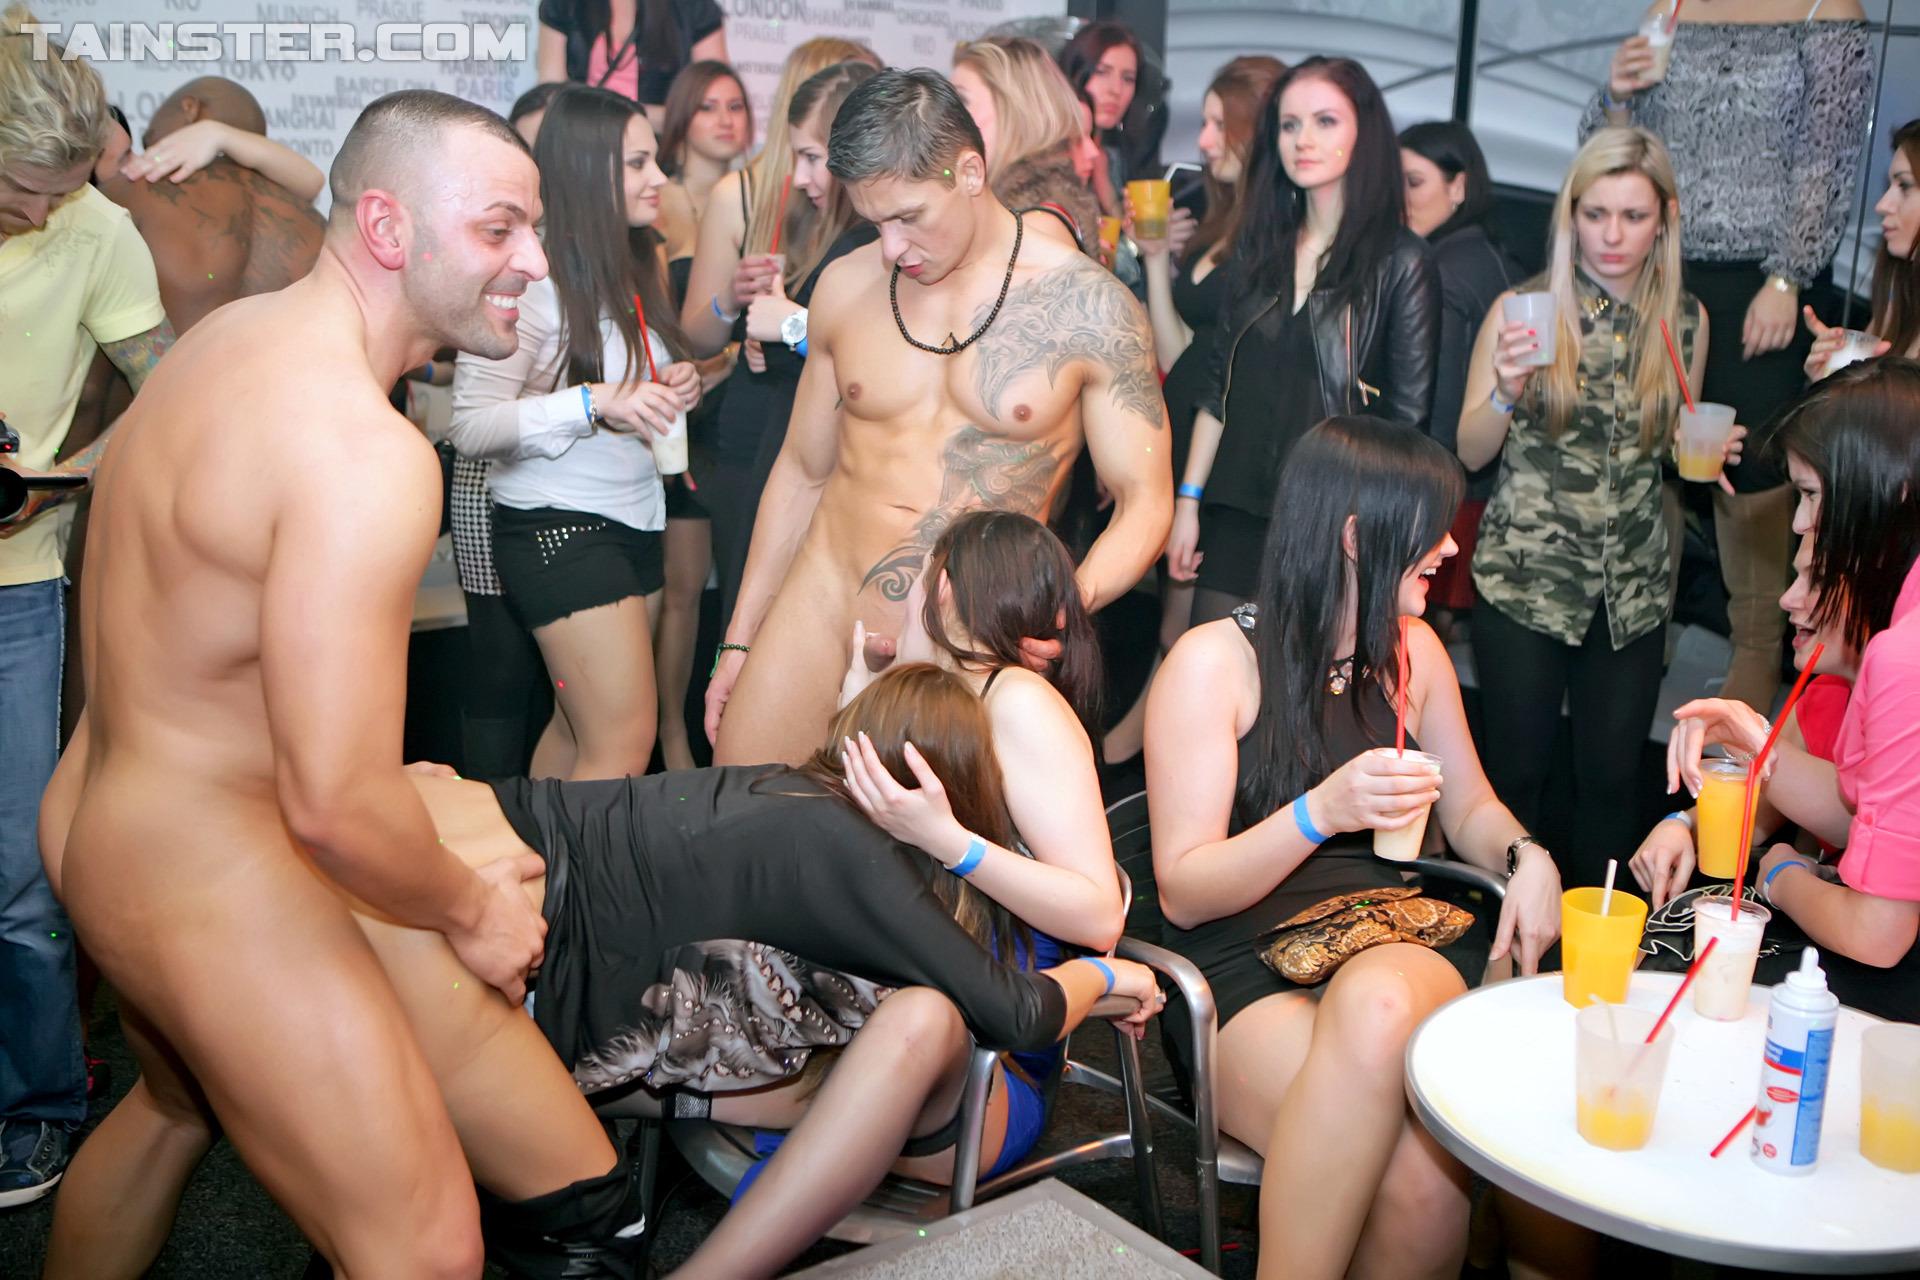 Смотреть секс вечеринки онлайн, Вечеринки смотреть порно видео онлайн, бесплатные 22 фотография